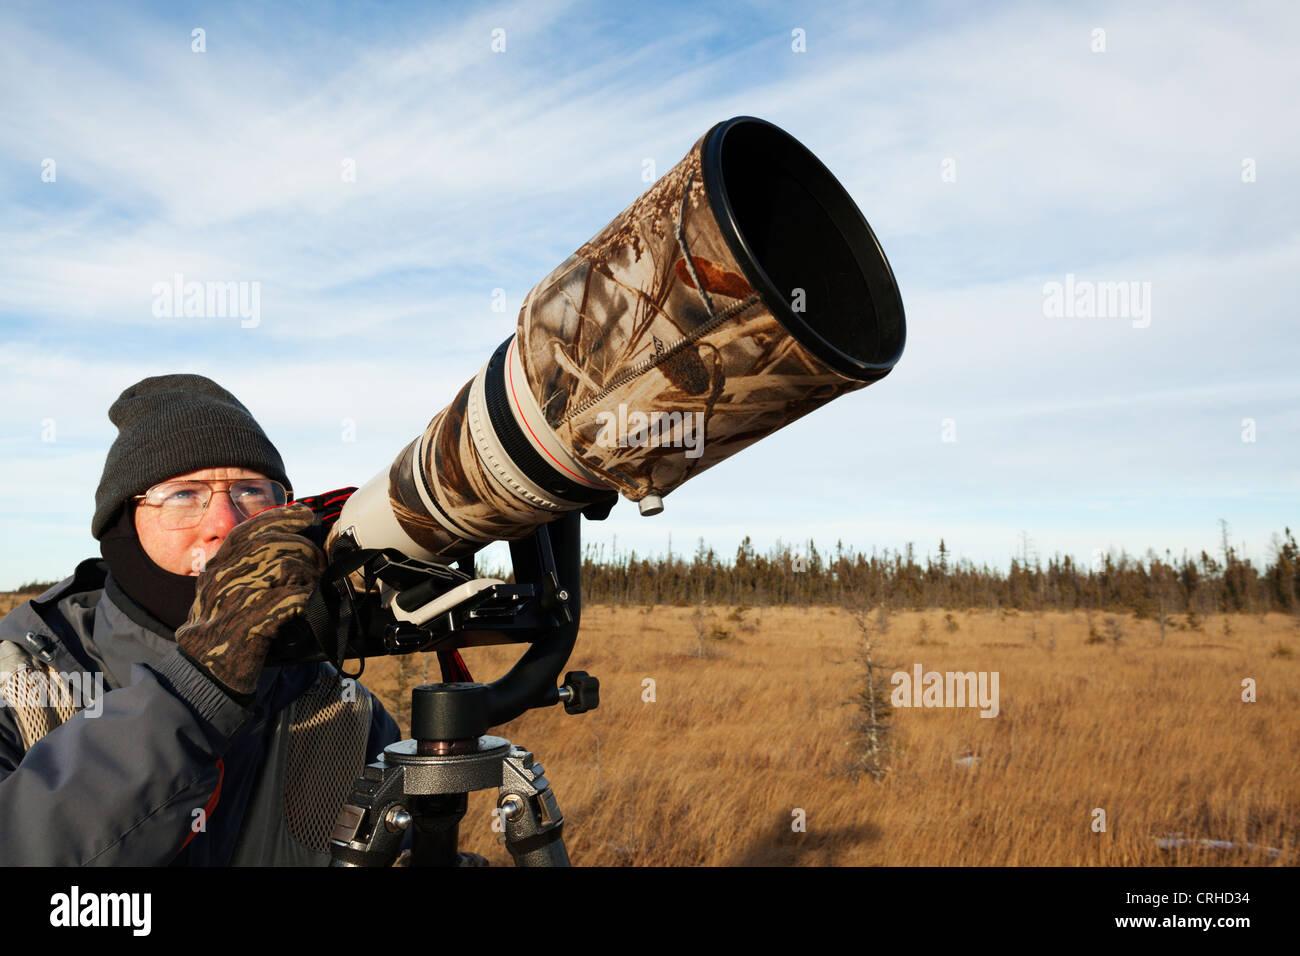 Un photographe de la nature la faune pour regarder les oiseaux. Banque D'Images